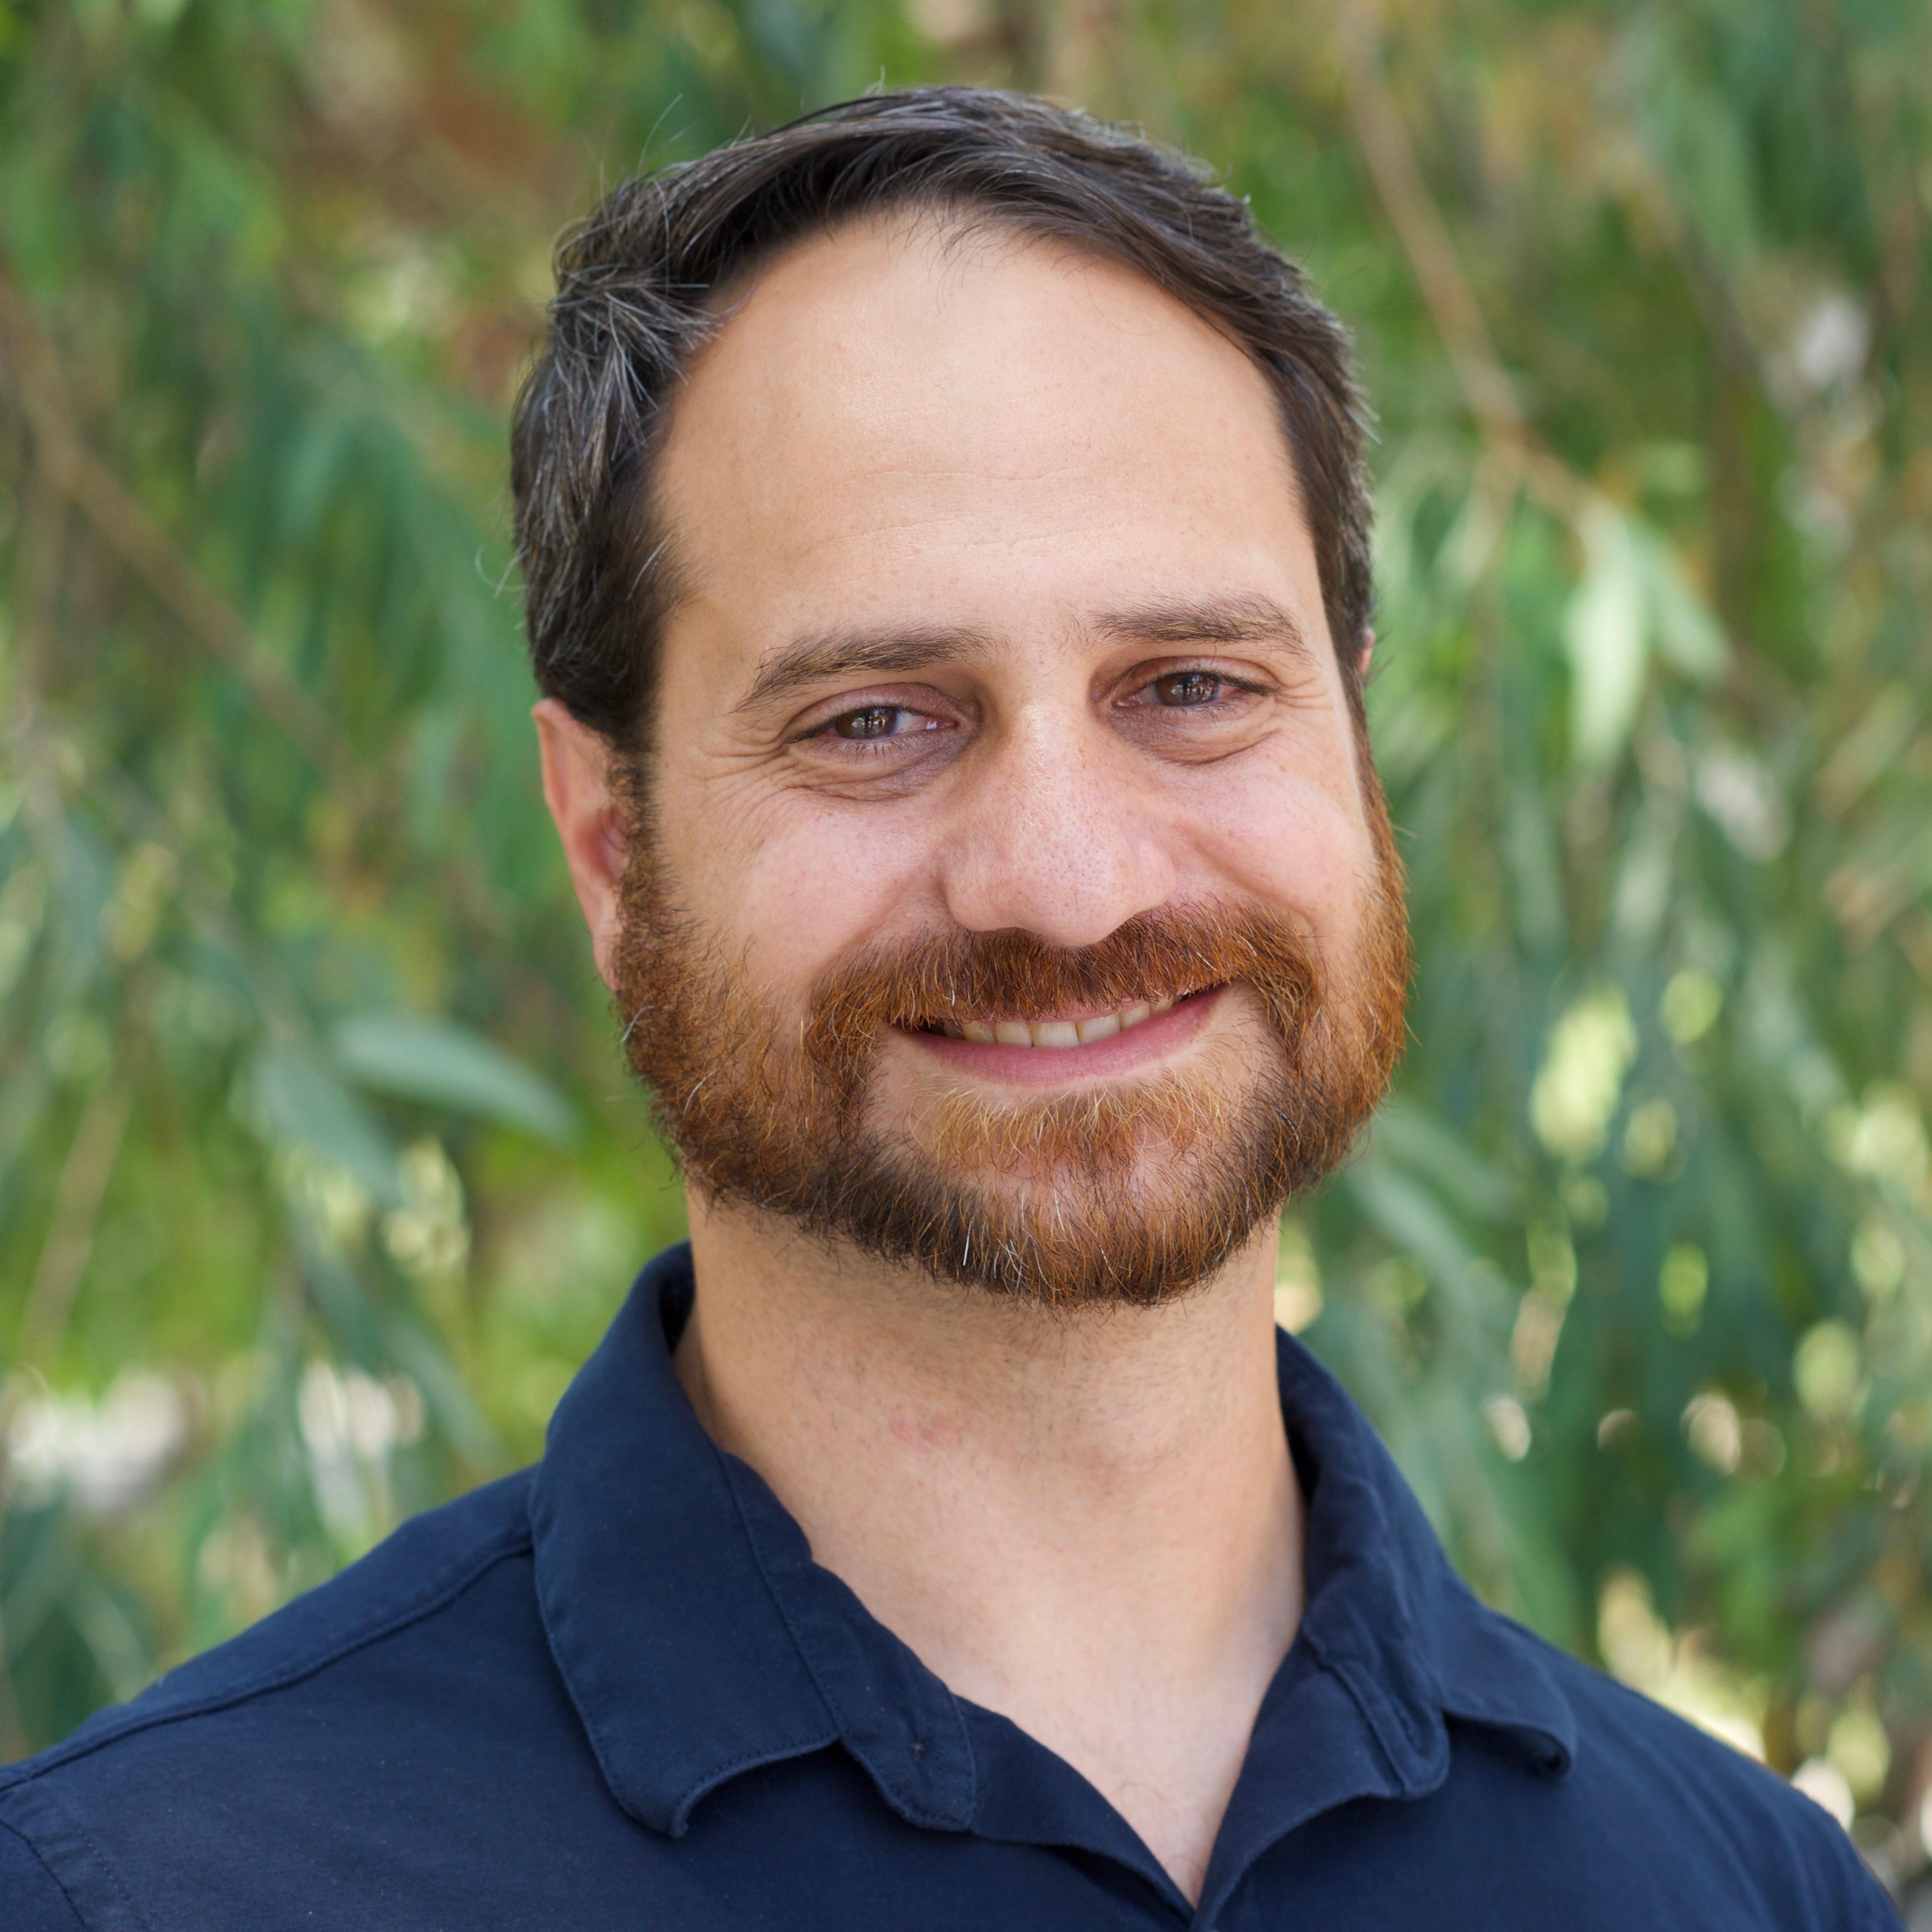 Michael Gagliardo